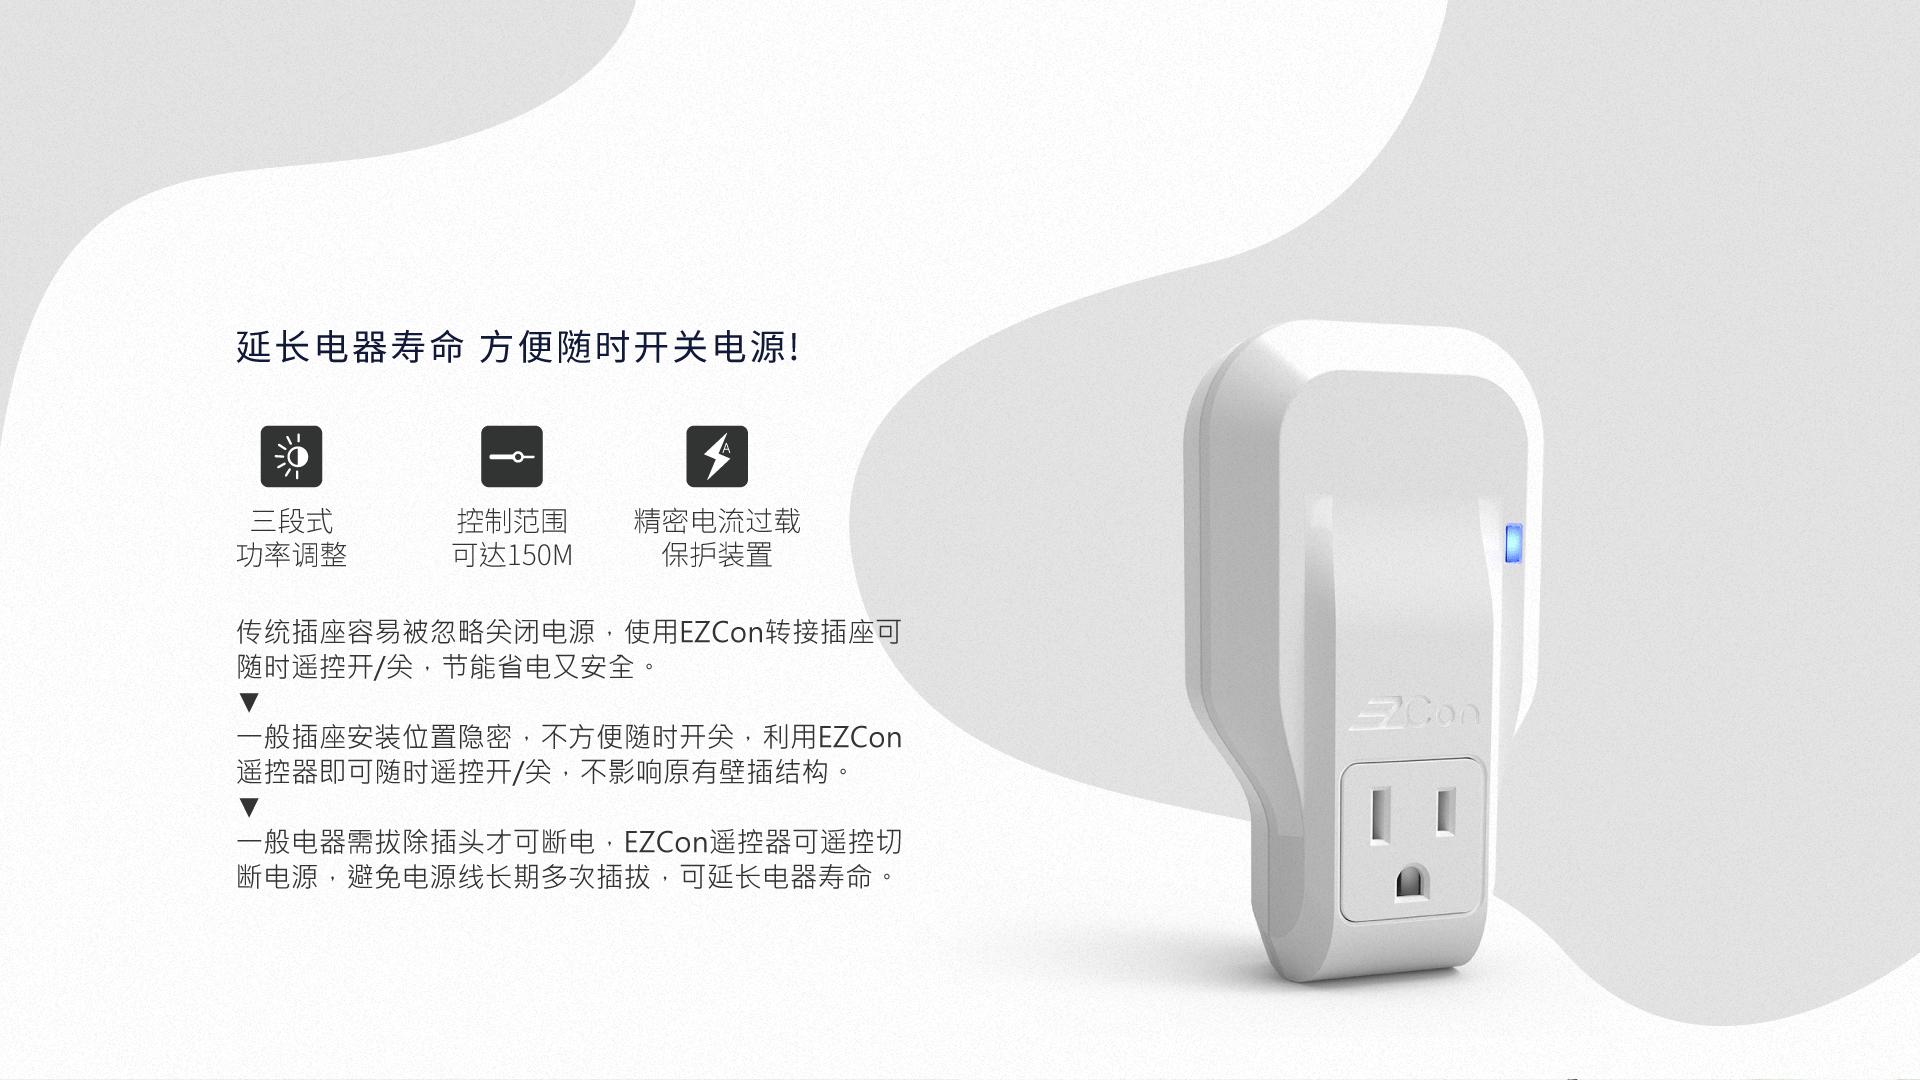 2A转接插座具有调光功能,可调整电源三段功率,达成灯具调光、风扇风速调整。